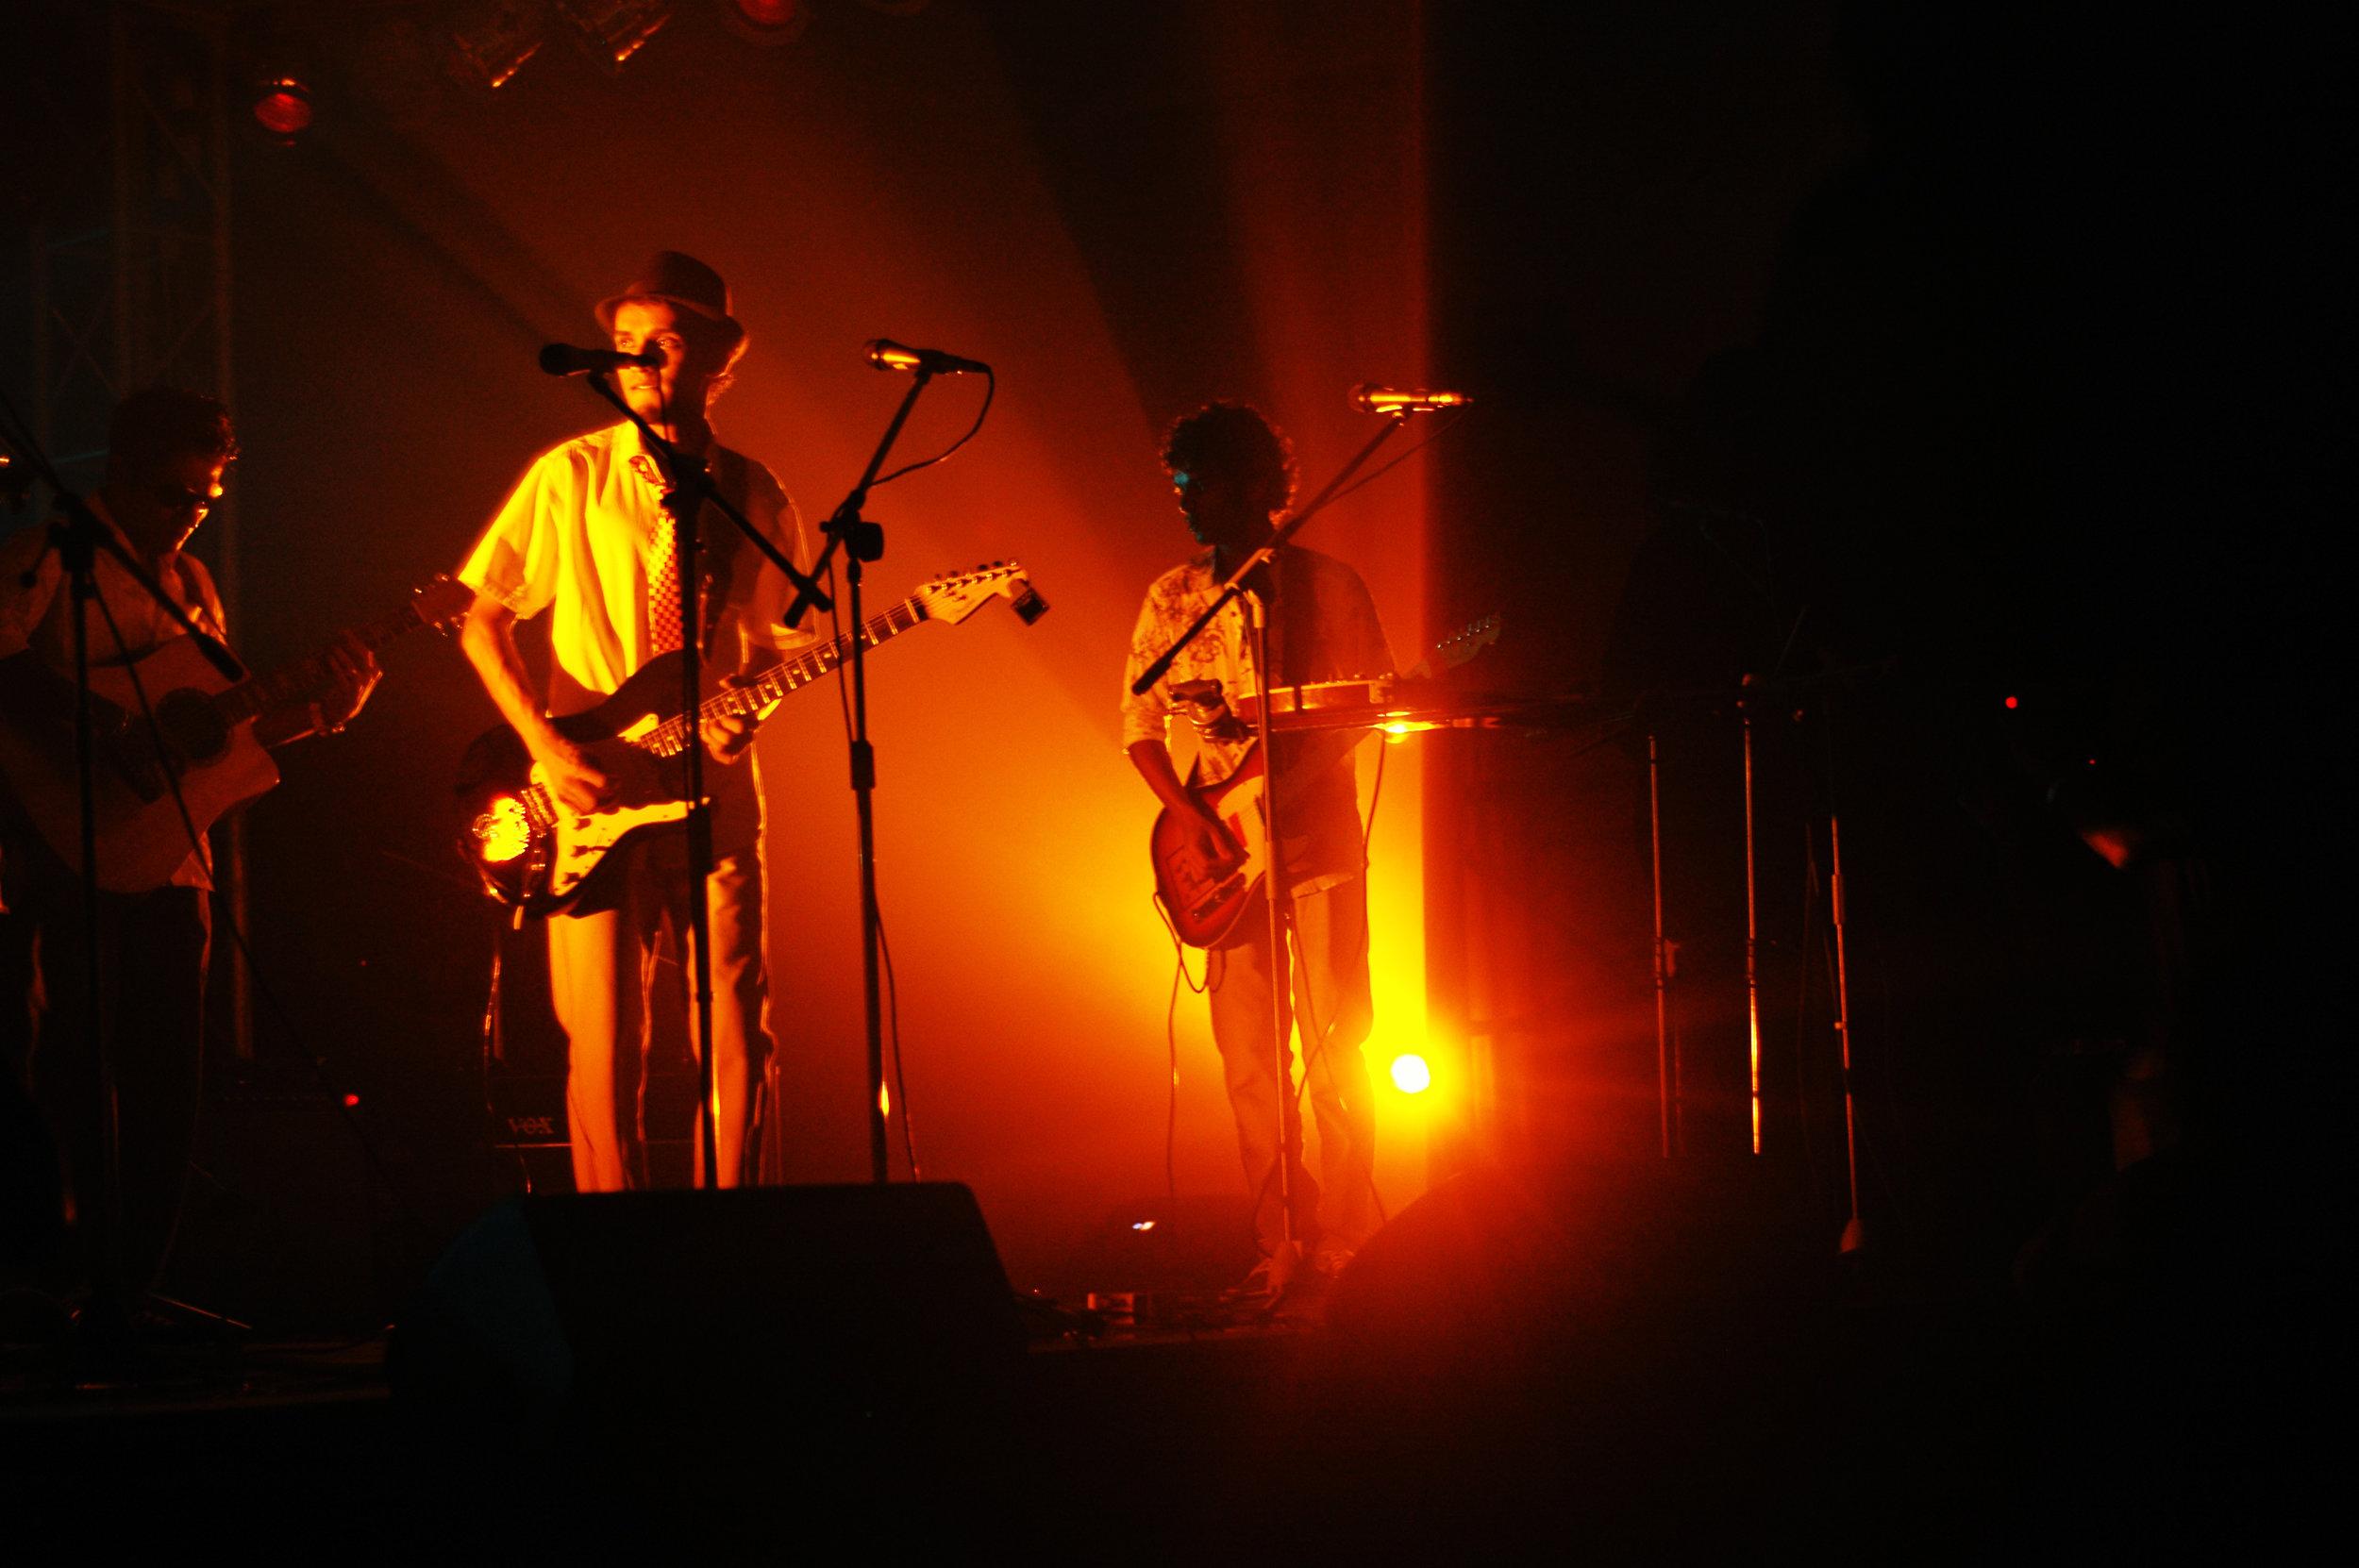 2009-08-19 - Male' City - Dharubaaruge' - Eku Ekee Album Launch - D70s-7946.jpg